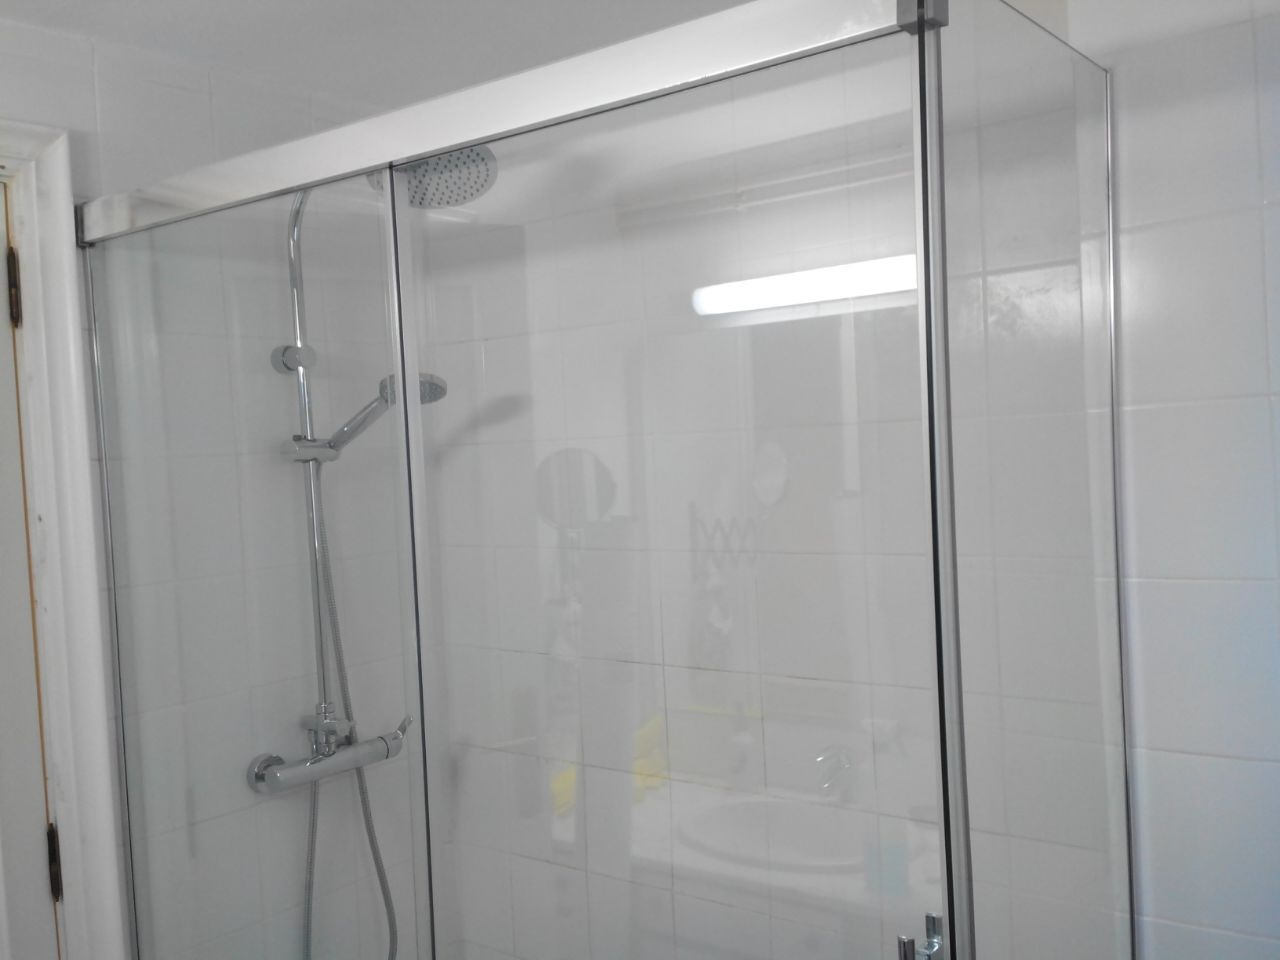 Mamparas acrilicas o mamparas fabricadas con cristales - Manparas de ducha ...